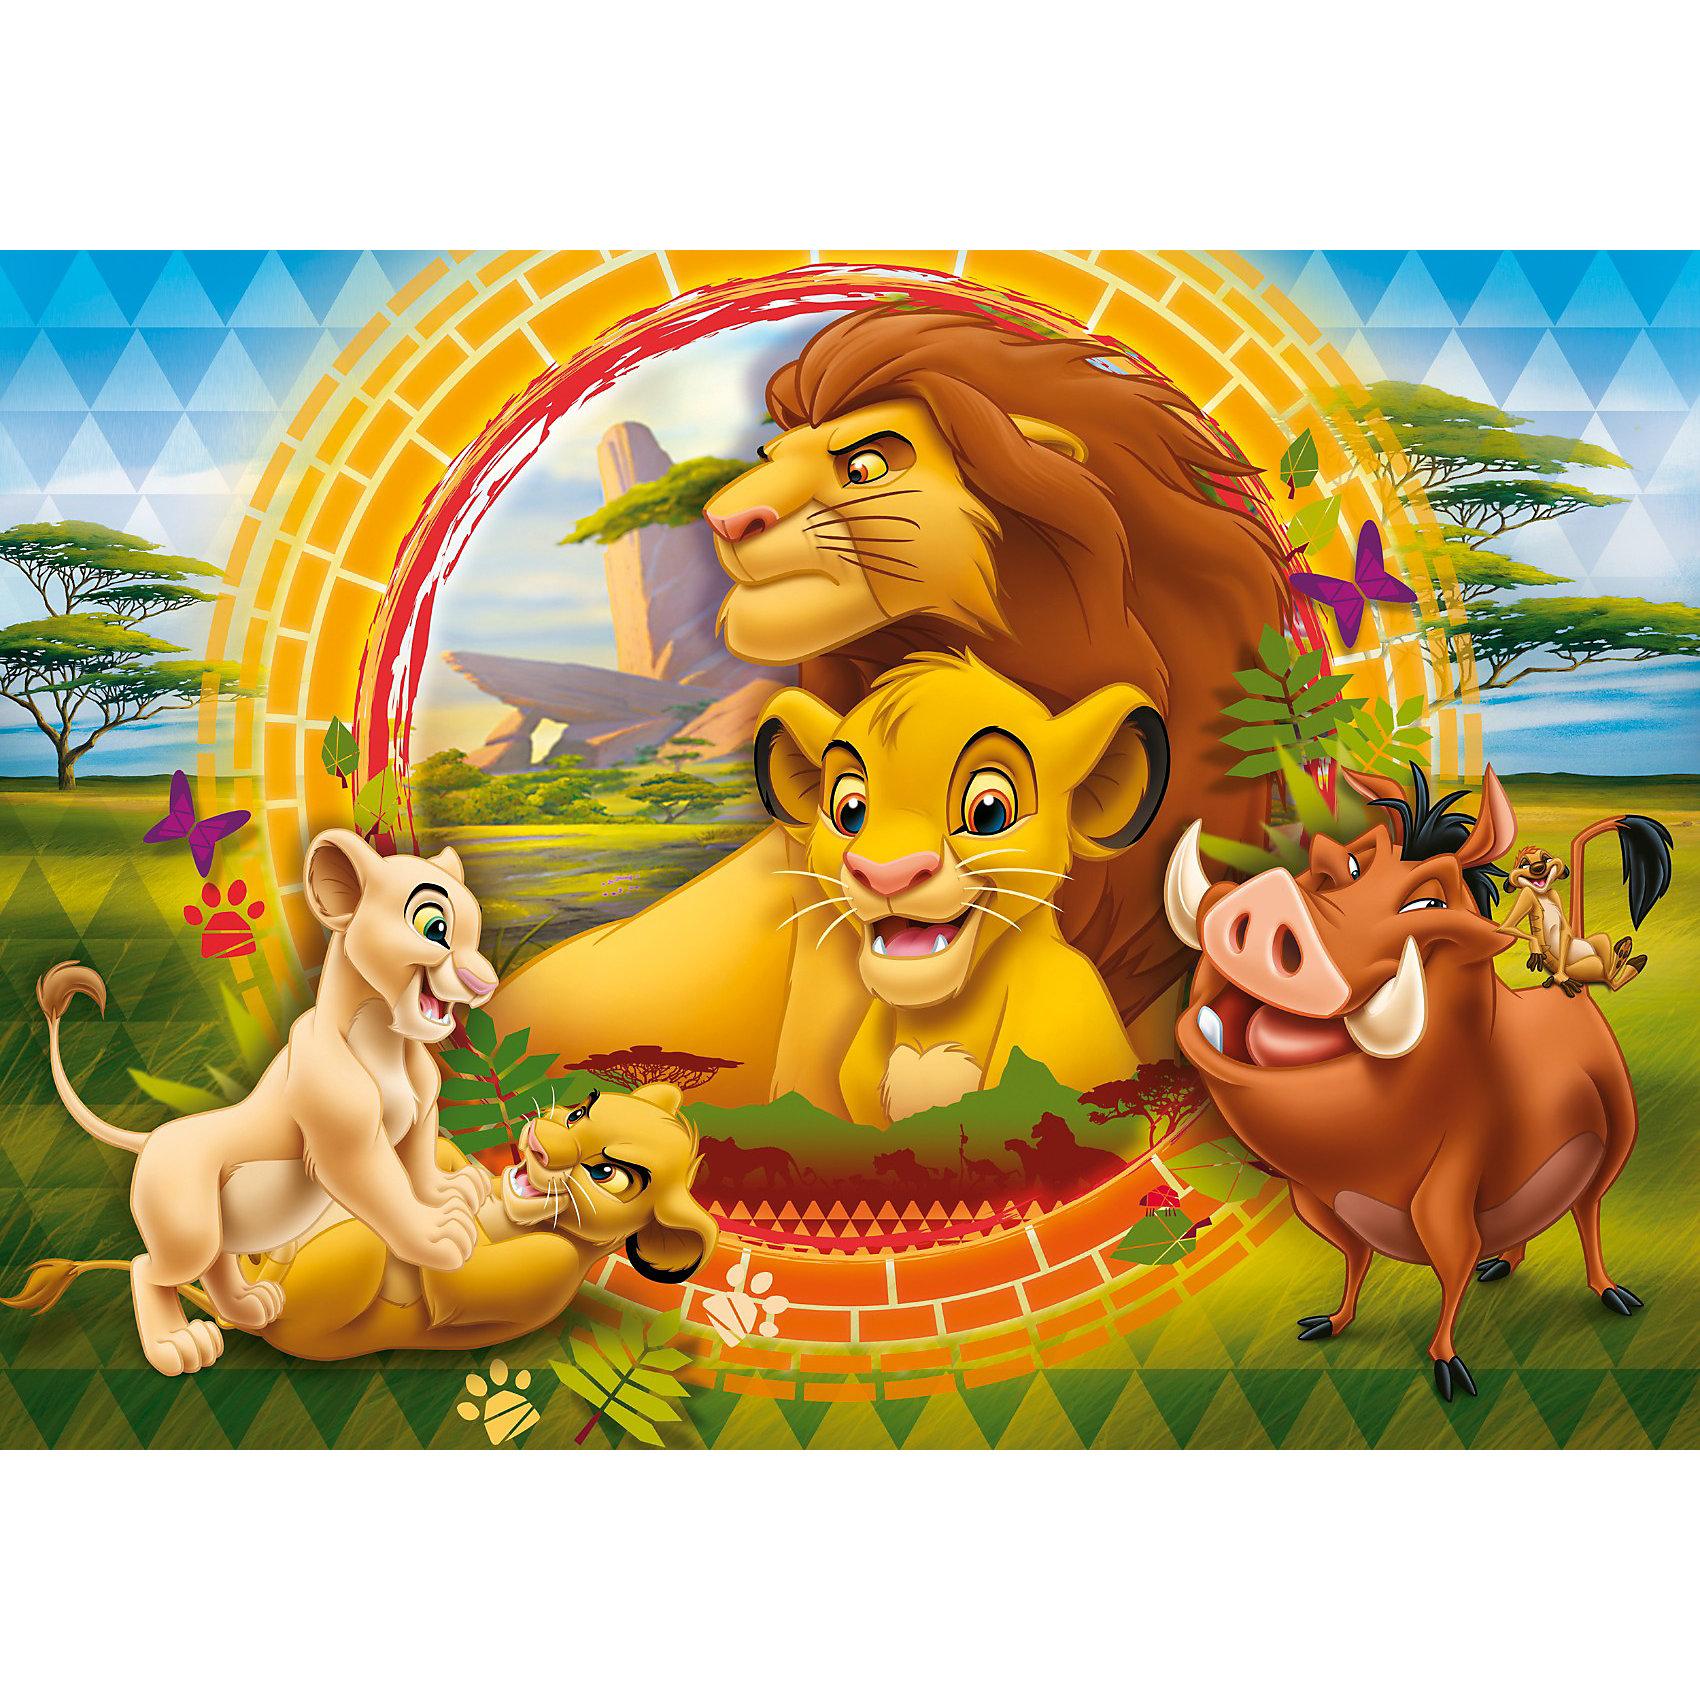 Пазл Король Лев, 24 детали,  ДиснейПазл Король Лев Дисней (Disney) - увлекательный набор для творчества, который будет интересен детям всех возрастов и даже их родителям. С помощью входящих в набор деталей Вы сможете собрать красочную картинку с изображением персонажей из популярного диснеевского мультфильма Король Лев (The Lion King). Пазл изготовлен из прочного картона высокого качества, изображение напечатано на бумаге, не отражающей свет, благодаря чему отчетливо видны все детали картины. Составные элементы пазла отлично соединяются между собой, при этом соединения практически незаметны.<br> <br>Собирание пазла способствует развитию логического мышления, внимания, воображения и мелкой моторики рук.<br><br>Дополнительная информация:<br><br>- Материал: картон, бумага.<br>- Размер собранного пазла: 68 х 48 см.<br>- Размер упаковки: 39,5 х 6,5 х 27,5 см. <br><br>Пазл Король Лев можно купить в нашем интернет-магазине.<br><br>Ширина мм: 402<br>Глубина мм: 283<br>Высота мм: 67<br>Вес г: 815<br>Возраст от месяцев: 48<br>Возраст до месяцев: 72<br>Пол: Унисекс<br>Возраст: Детский<br>Количество деталей: 24<br>SKU: 2423989